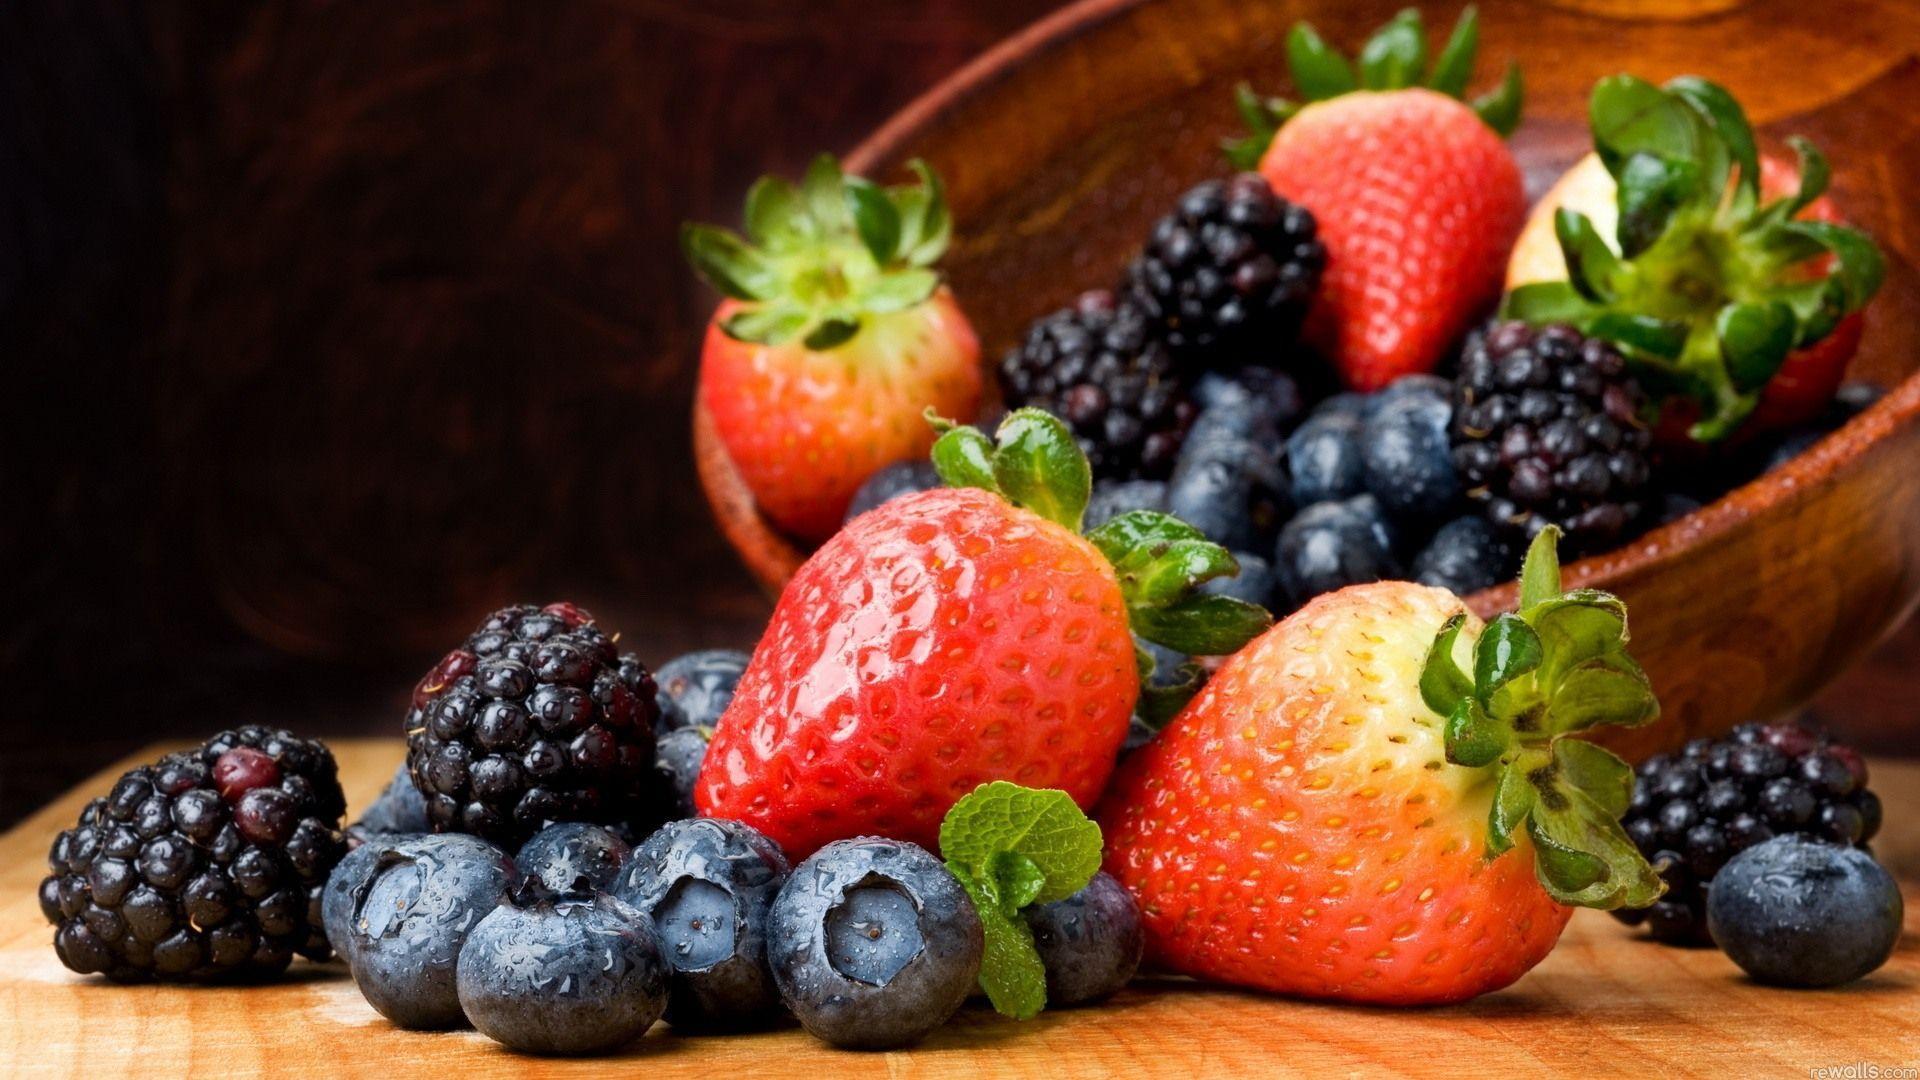 фрукты фото высокого разрешения настоящее время использование